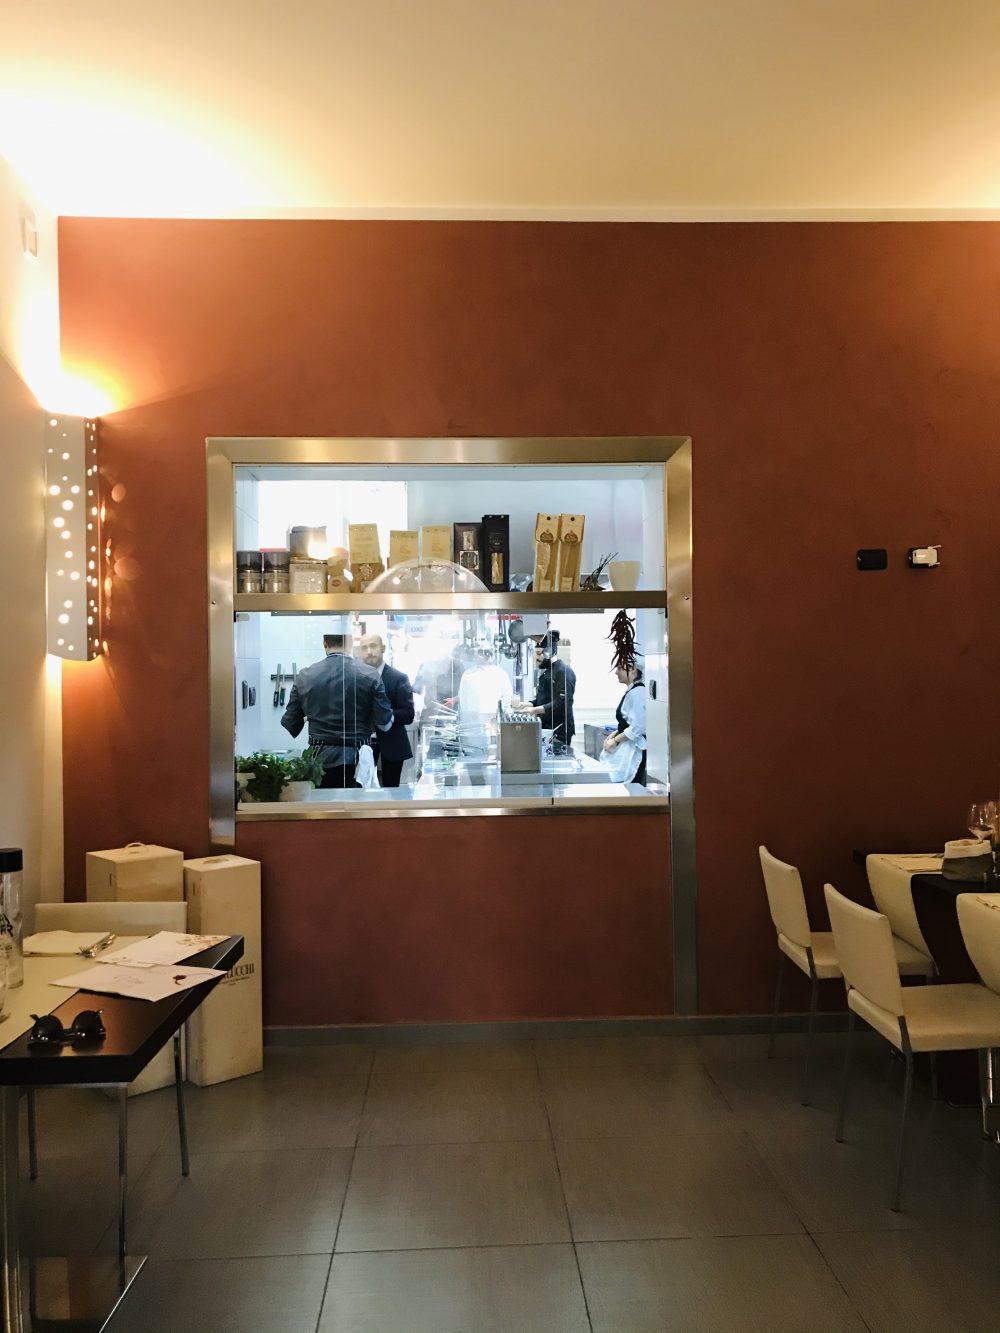 Rovy Ristorante - sala con cucina a vista